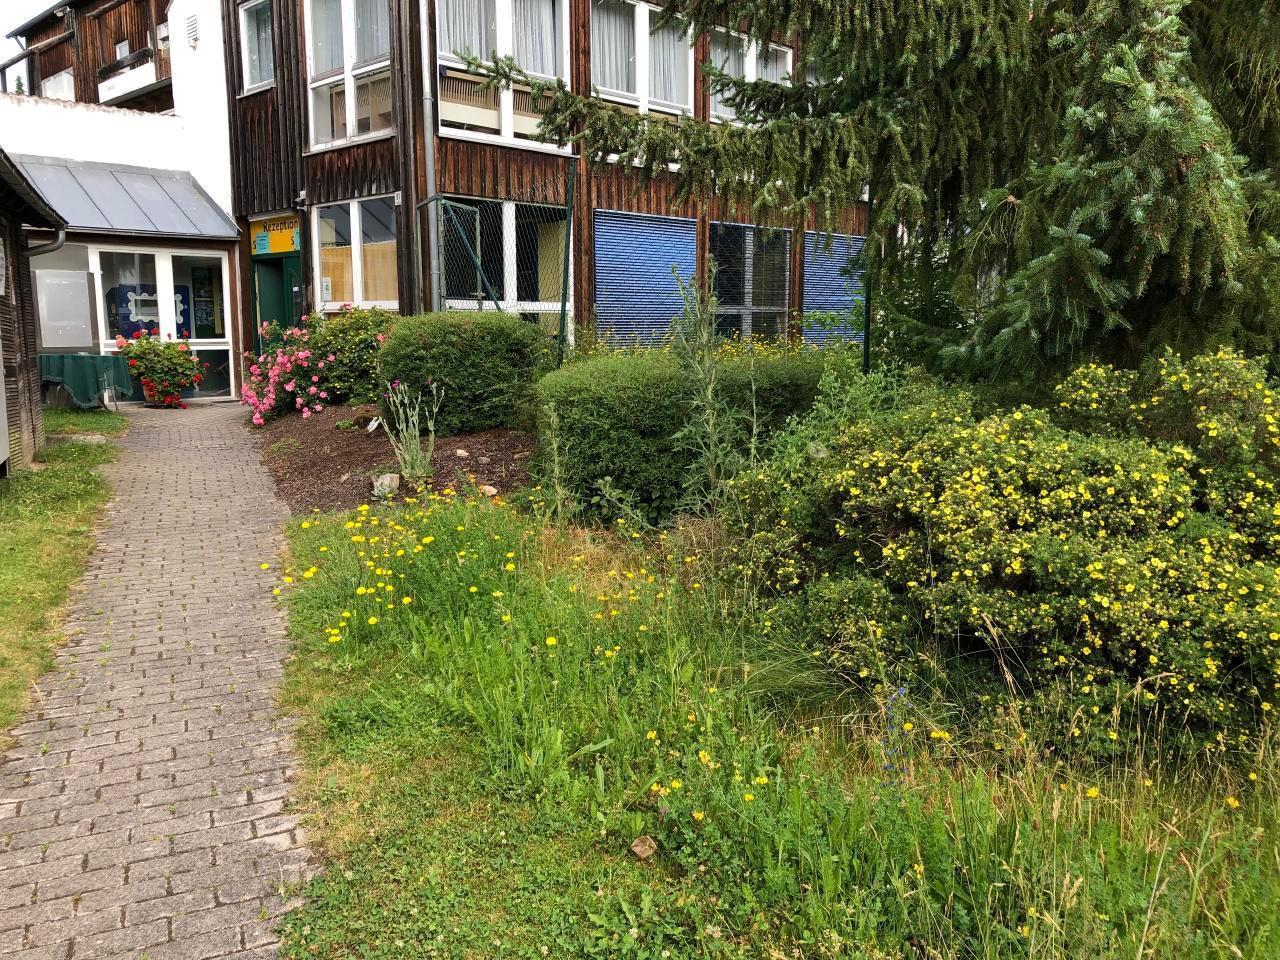 Ferienhaus mit großen Garten und herrlicher Aussicht; Haustiere willkommen, High-Speed-Internet, Wasc (507240), Zandt, Bayerischer Wald, Bayern, Deutschland, Bild 28